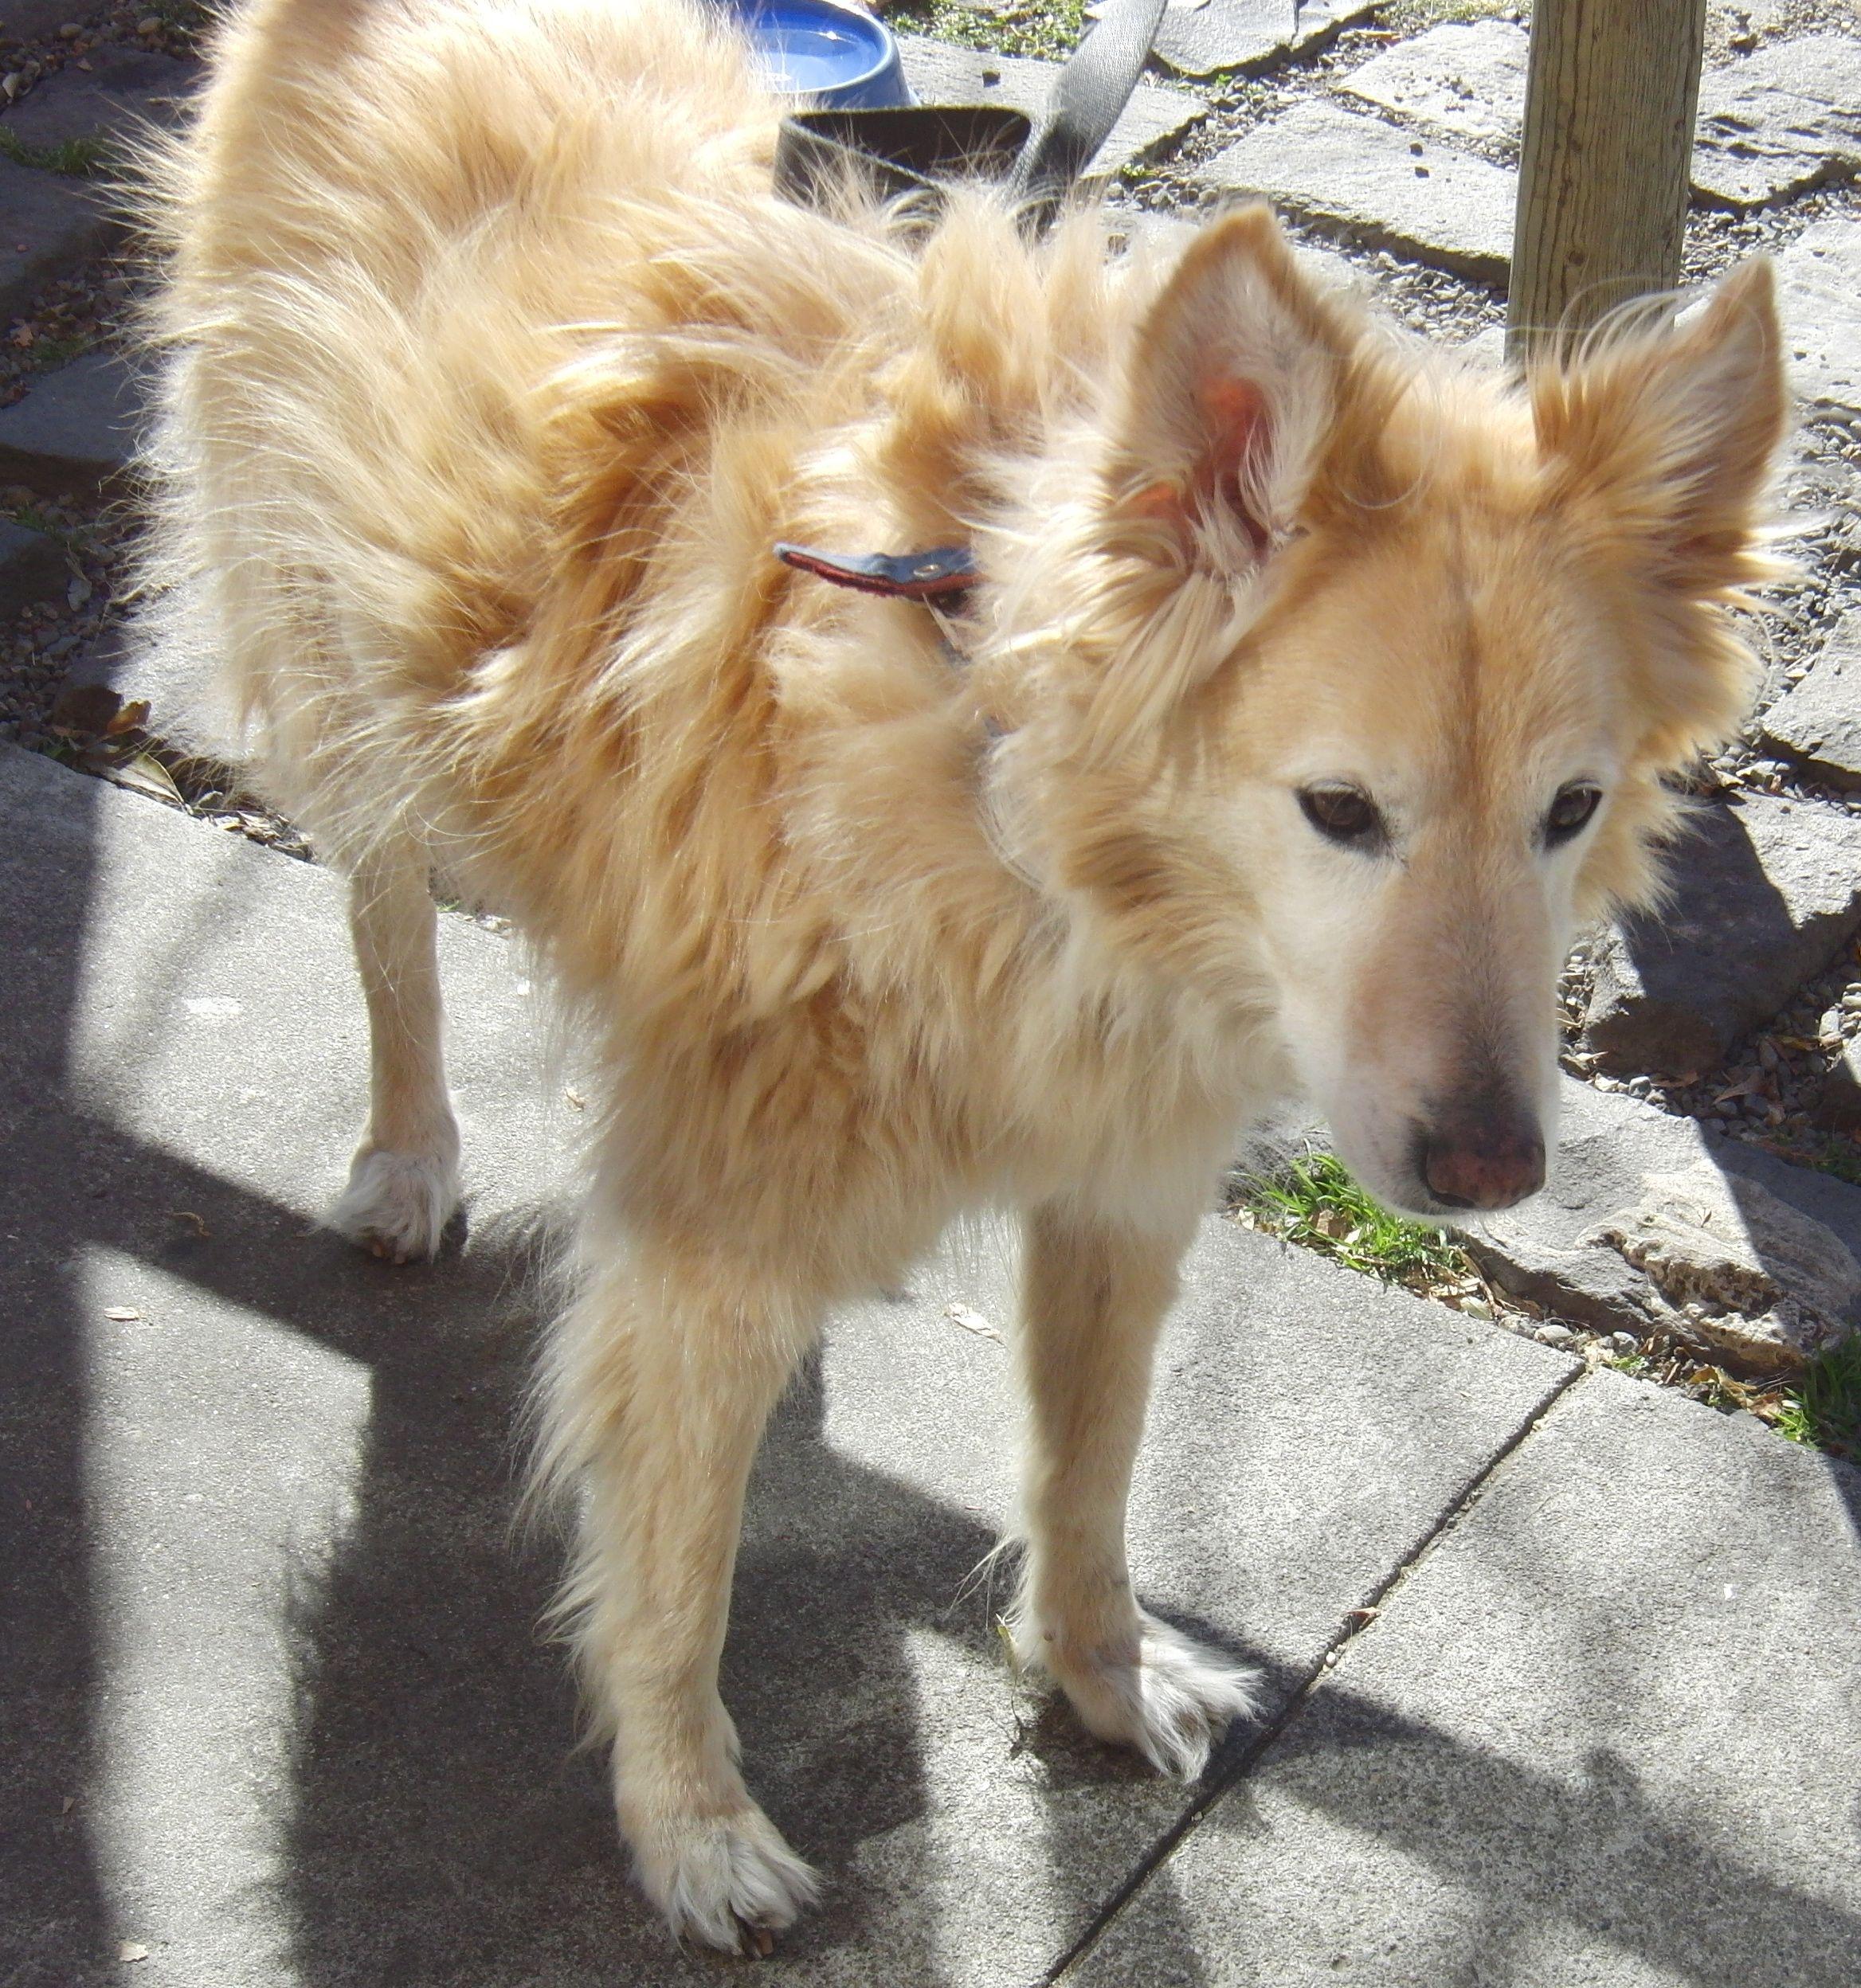 Dog Of The Day Dancer The Golden Retriever Husky Mix Golden Retriever Husky Mix Golden Retriever Husky Husky Mix